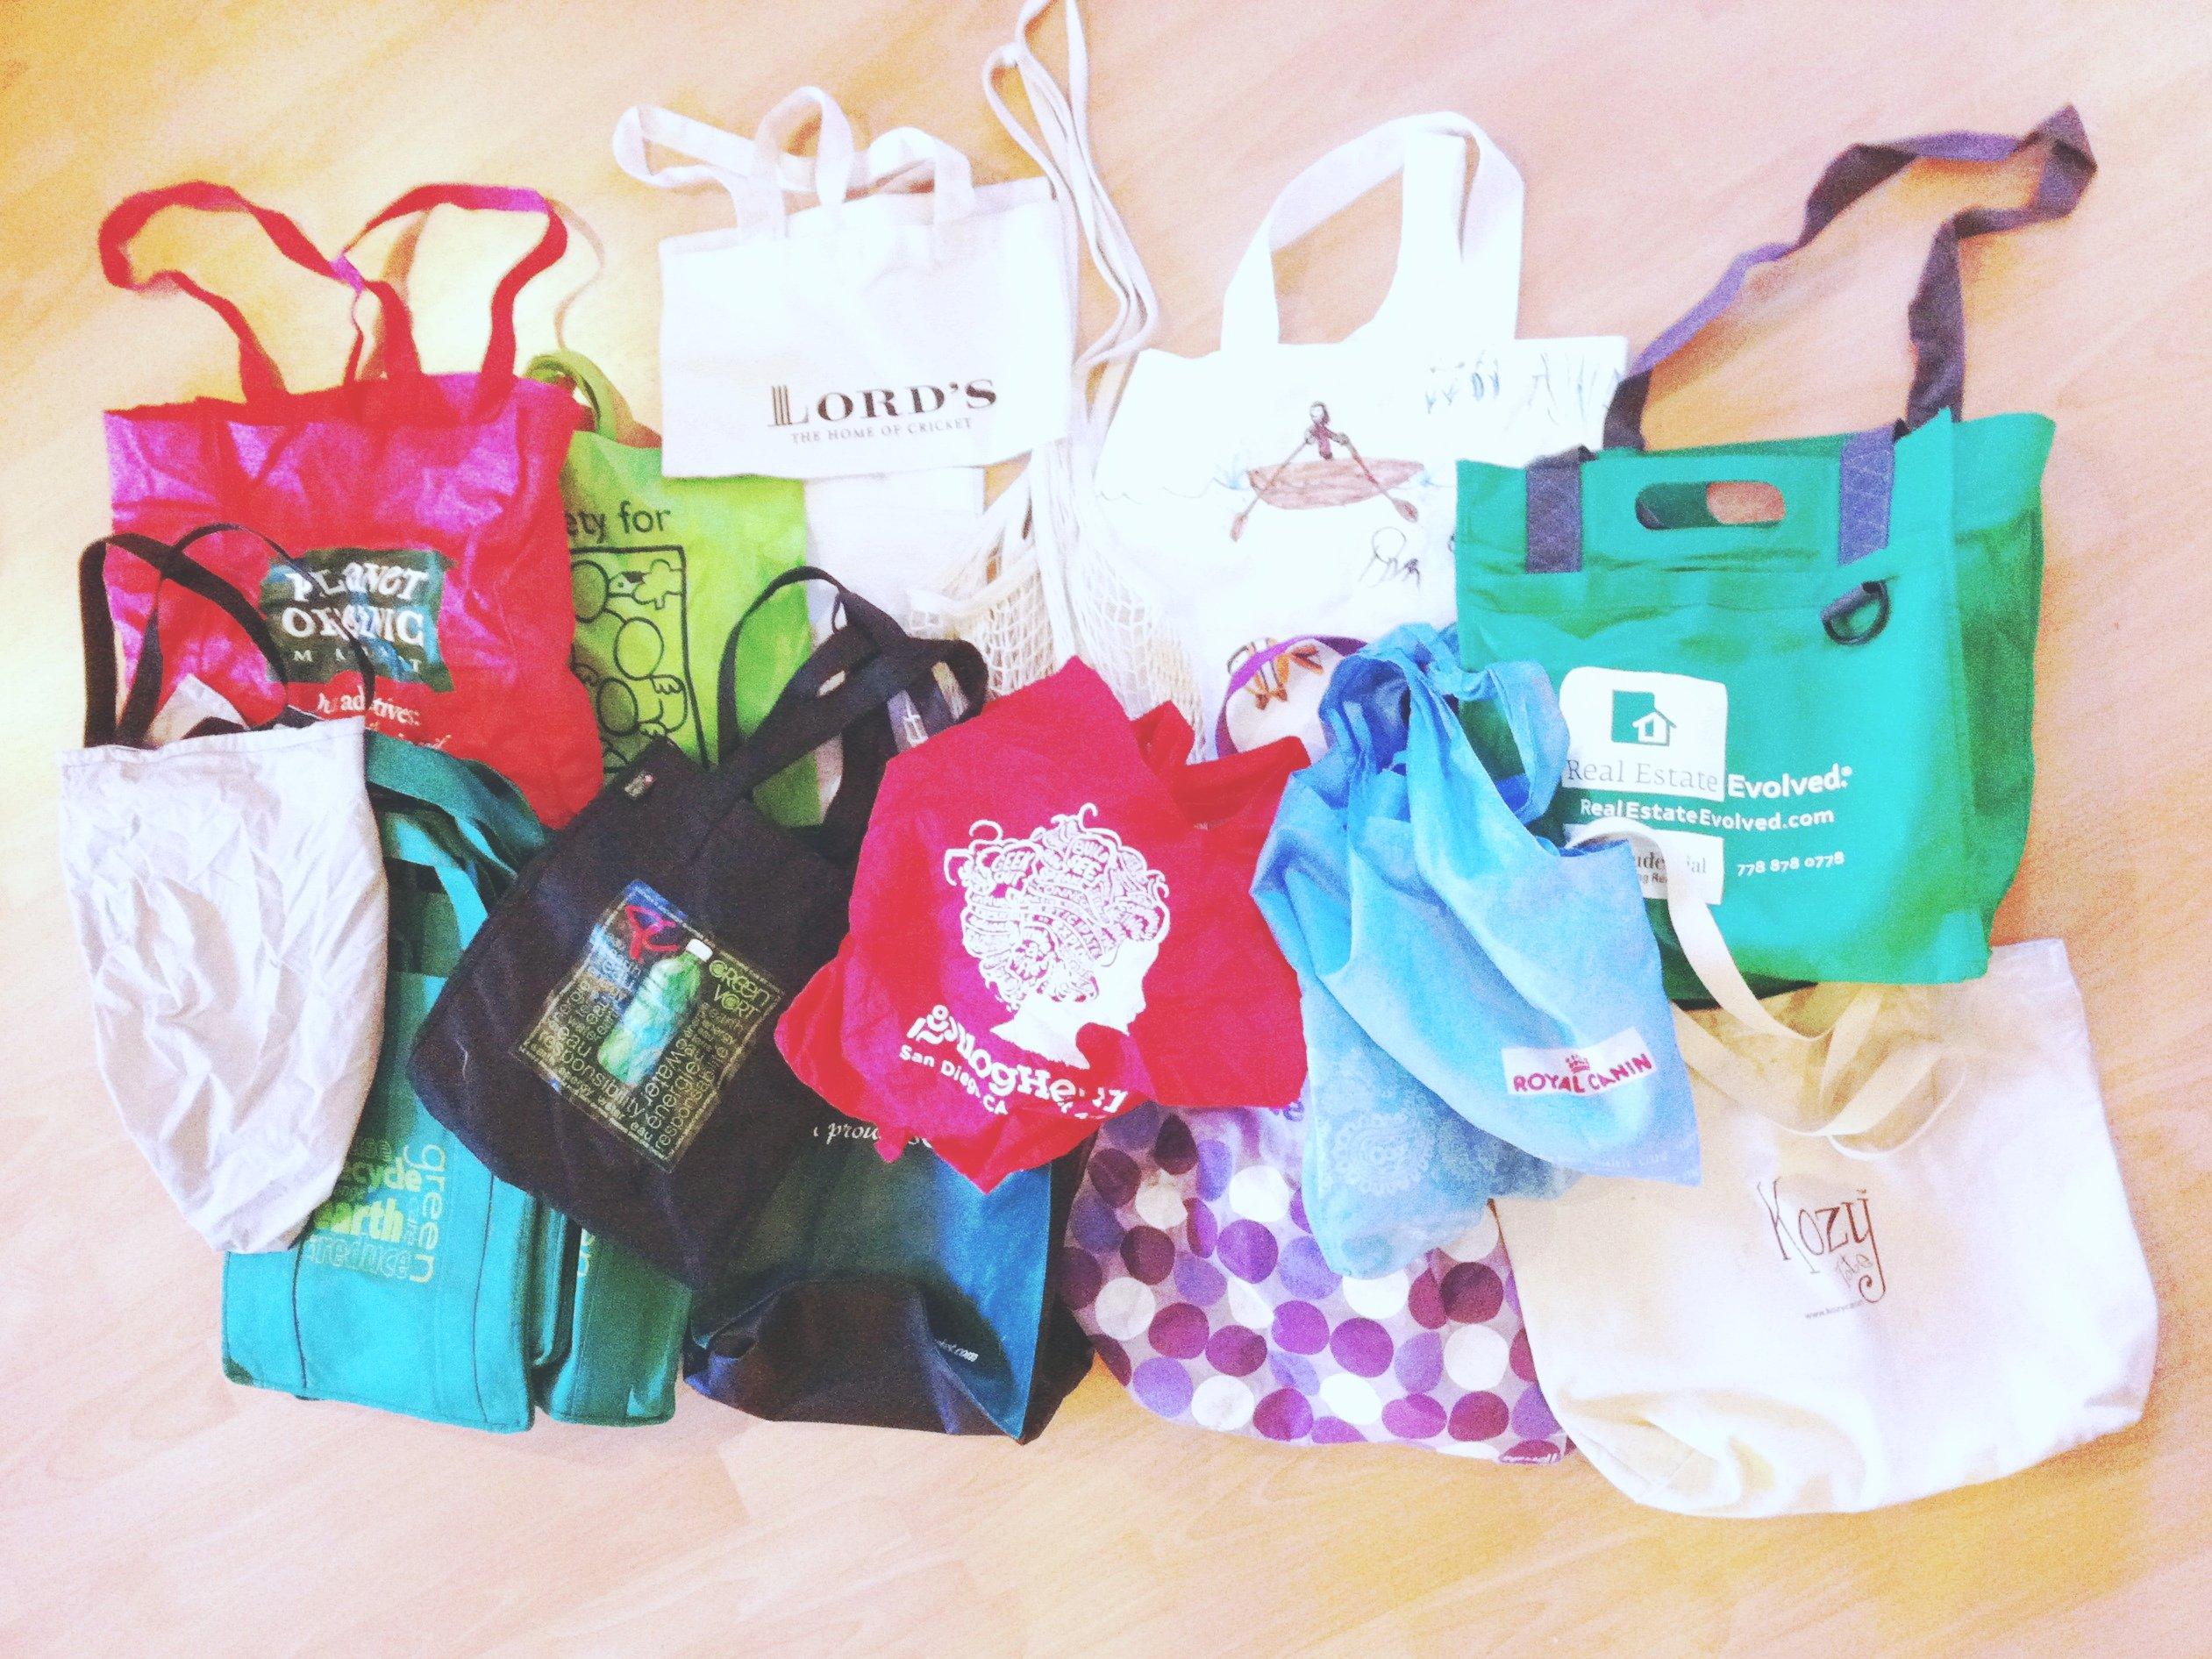 Bolsas reutilizables de compras. Foto: Amber Strocel / Flickr